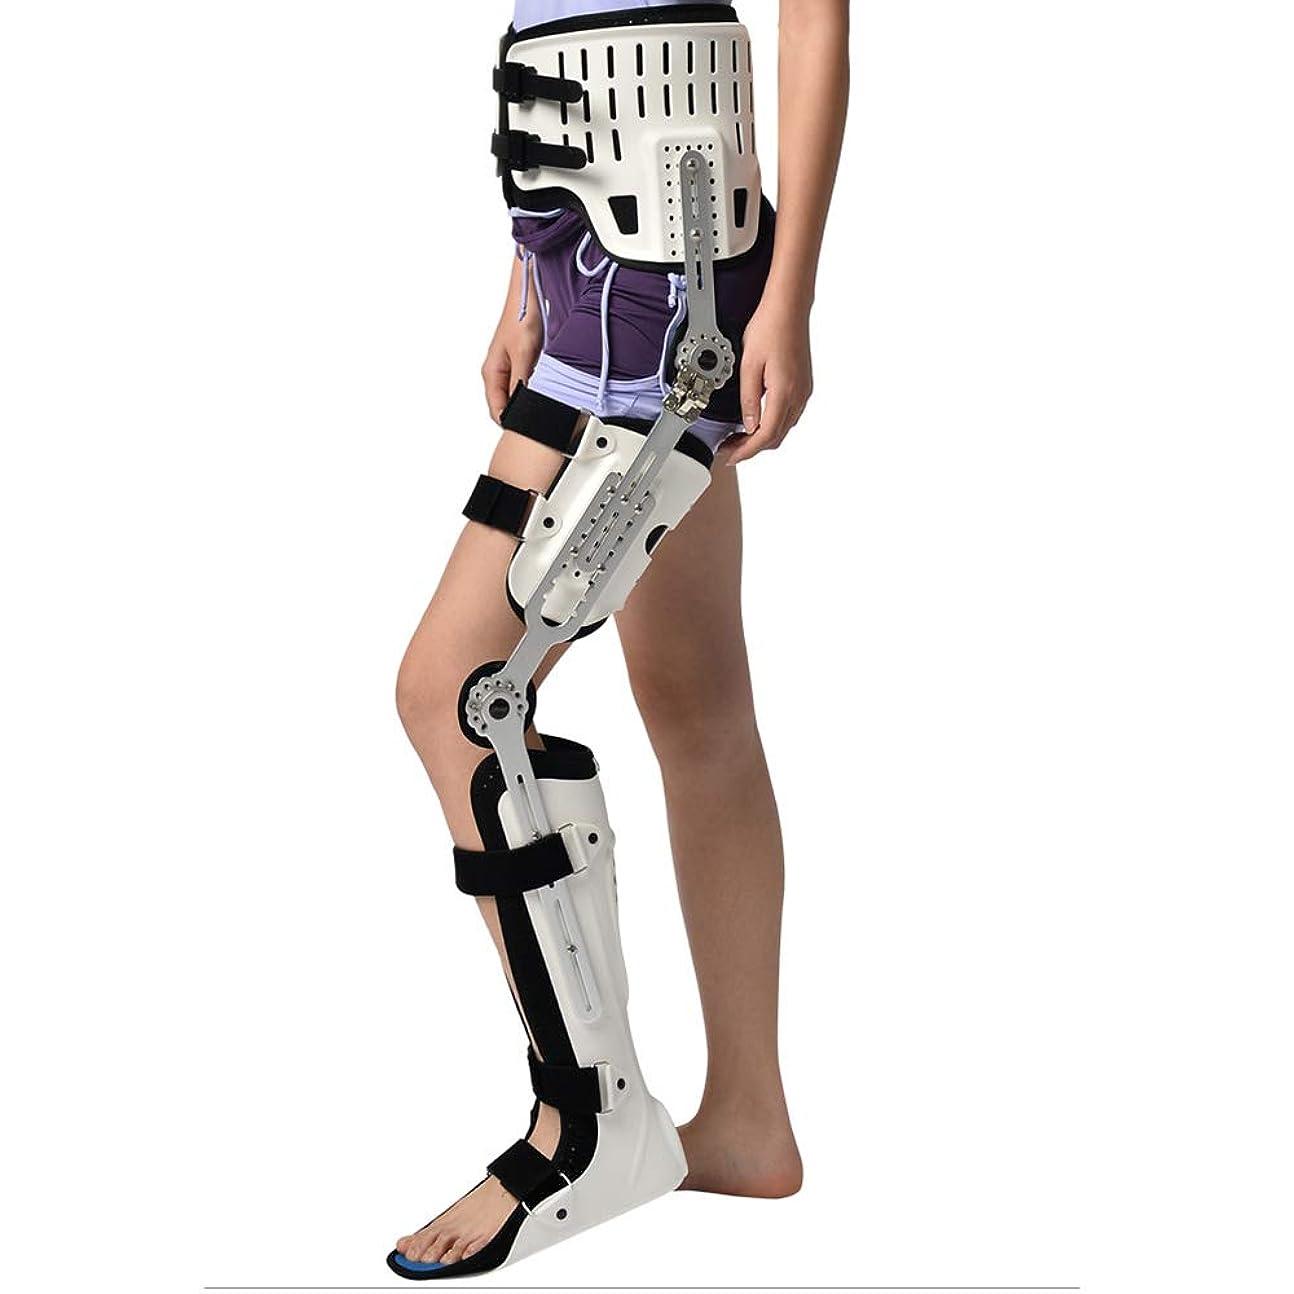 飼いならすレタスジョリー股関節外転ブレース、股関節スタビライザーコレクターサポートブレース、調節可能な太もも膝足首足装具